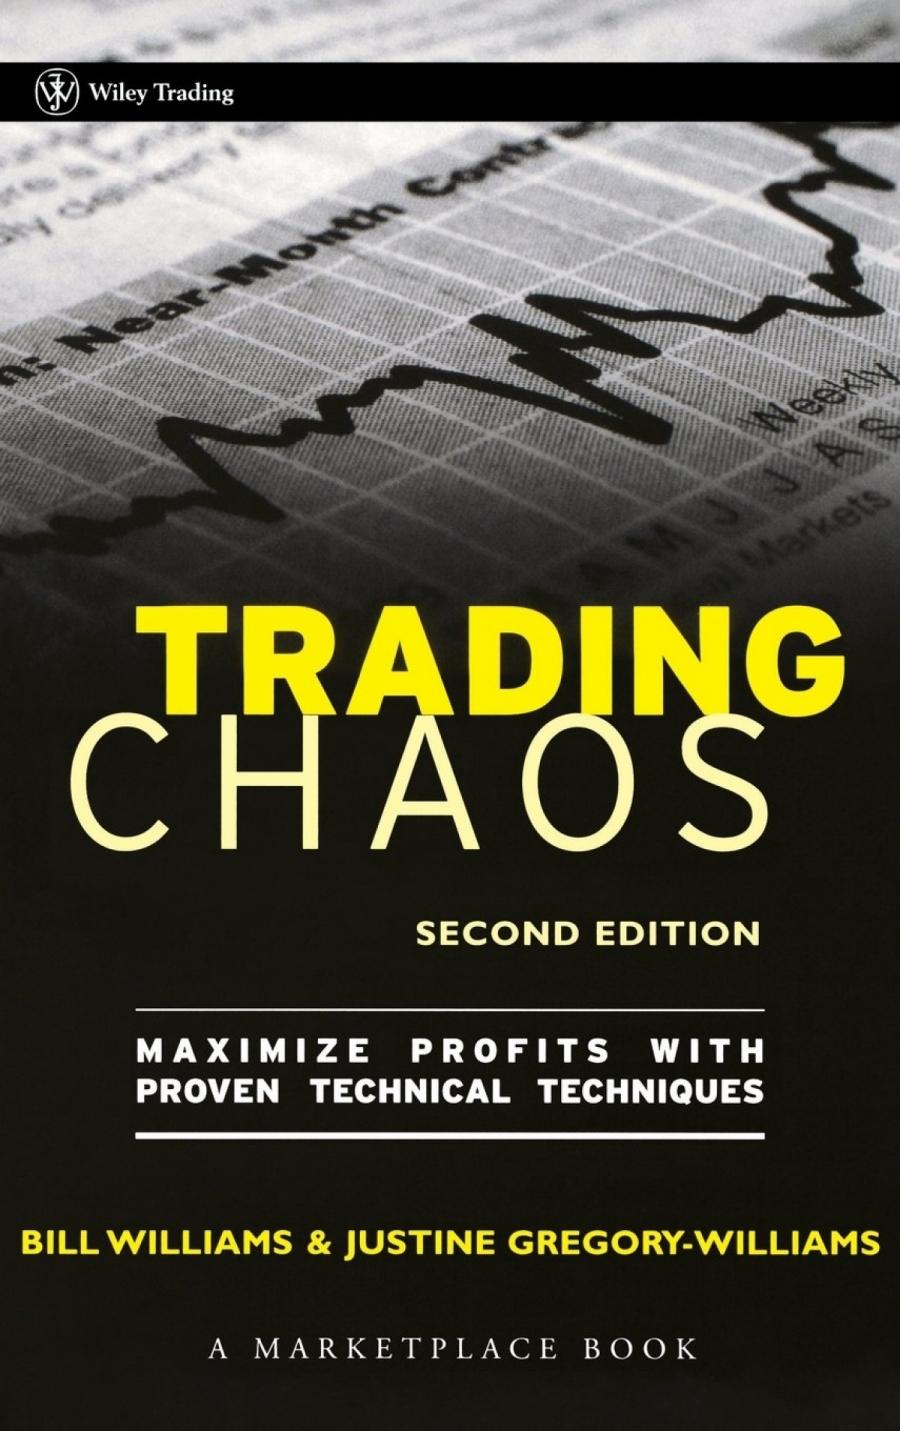 Обложка книги:  билл вильямс и джастин грегори-вильямс - торговый хаос